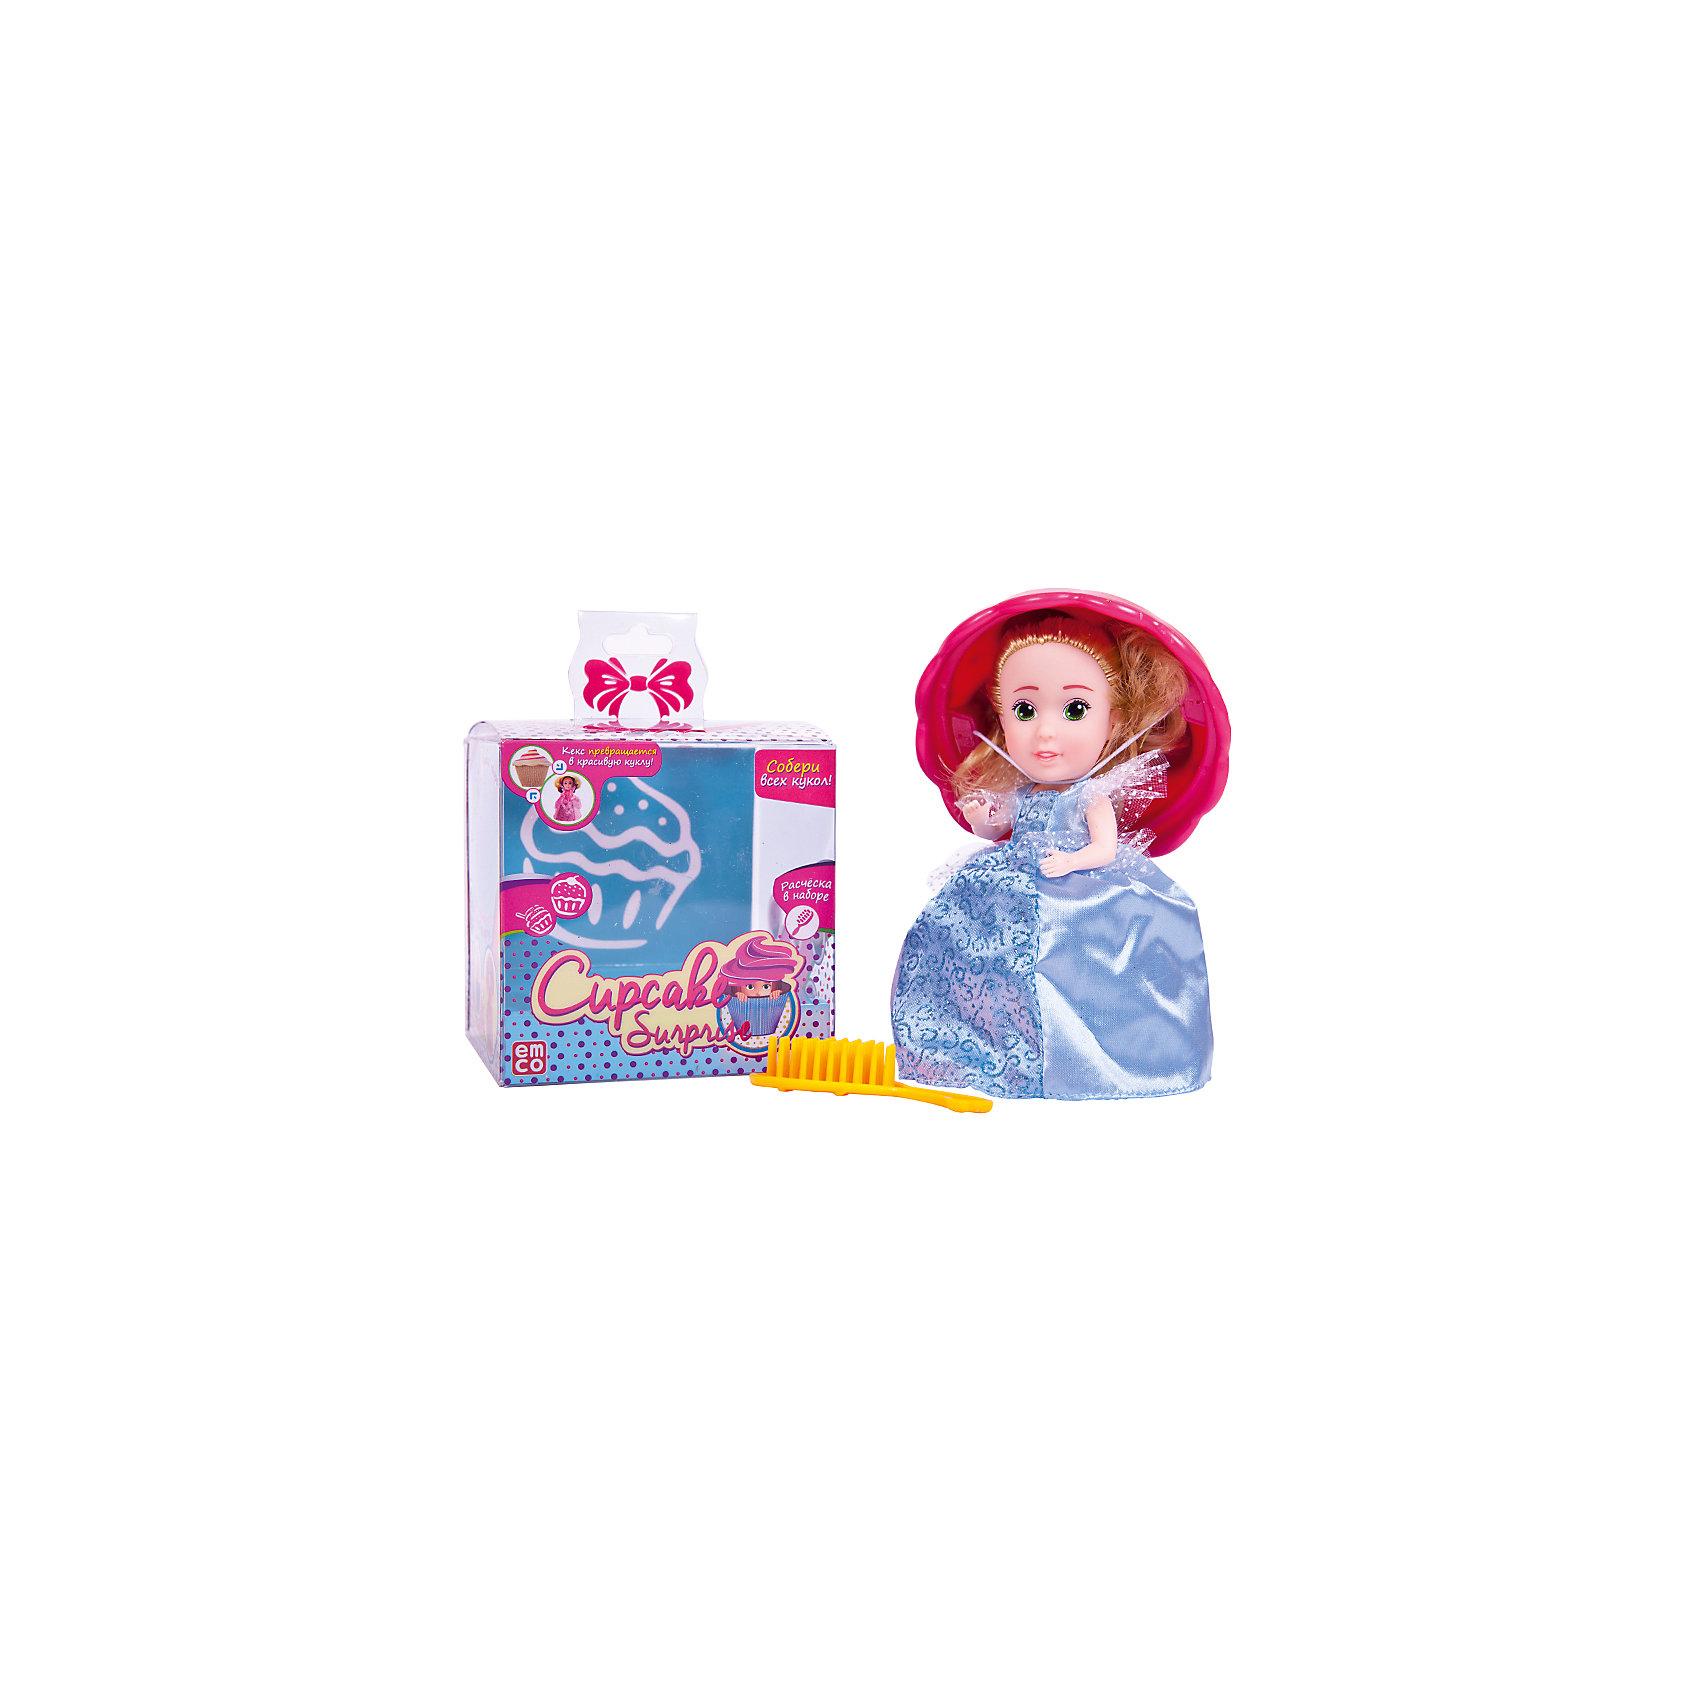 Кукла-сюрприз Cupcake Surprise, с расческой, EMCOКлассические куклы<br>Cupcake Surprise.Кукла-кекс 12 видов в ассортименте, расчесочка в наборе, 12 шт в дисплее (цена за 1 шт)<br><br>Ширина мм: 95<br>Глубина мм: 95<br>Высота мм: 98<br>Вес г: 190<br>Возраст от месяцев: 36<br>Возраст до месяцев: 192<br>Пол: Женский<br>Возраст: Детский<br>SKU: 5500896